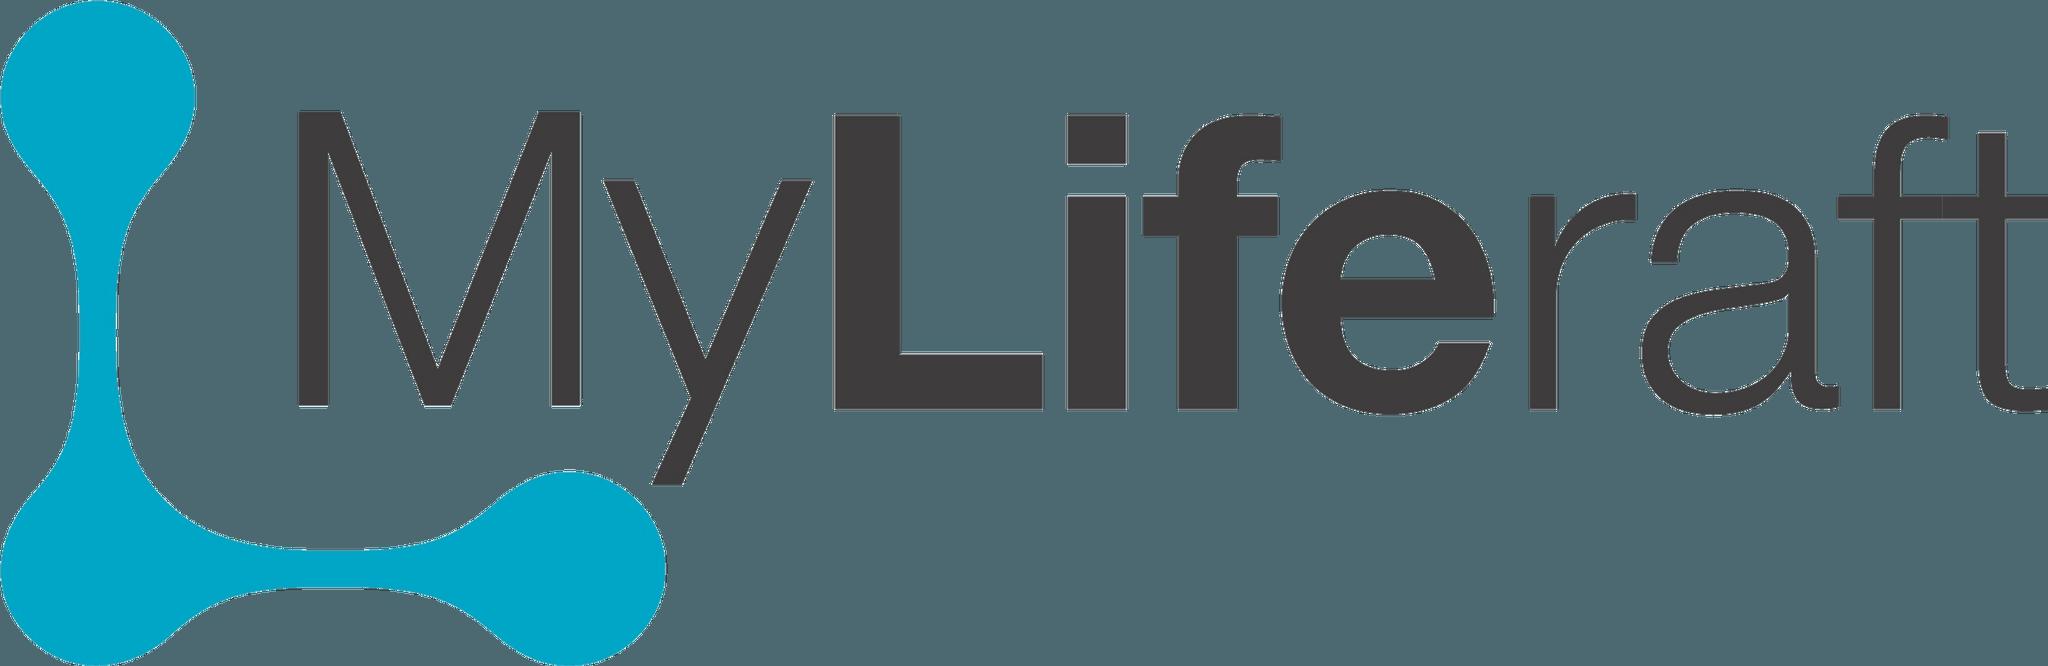 MyLiferaft